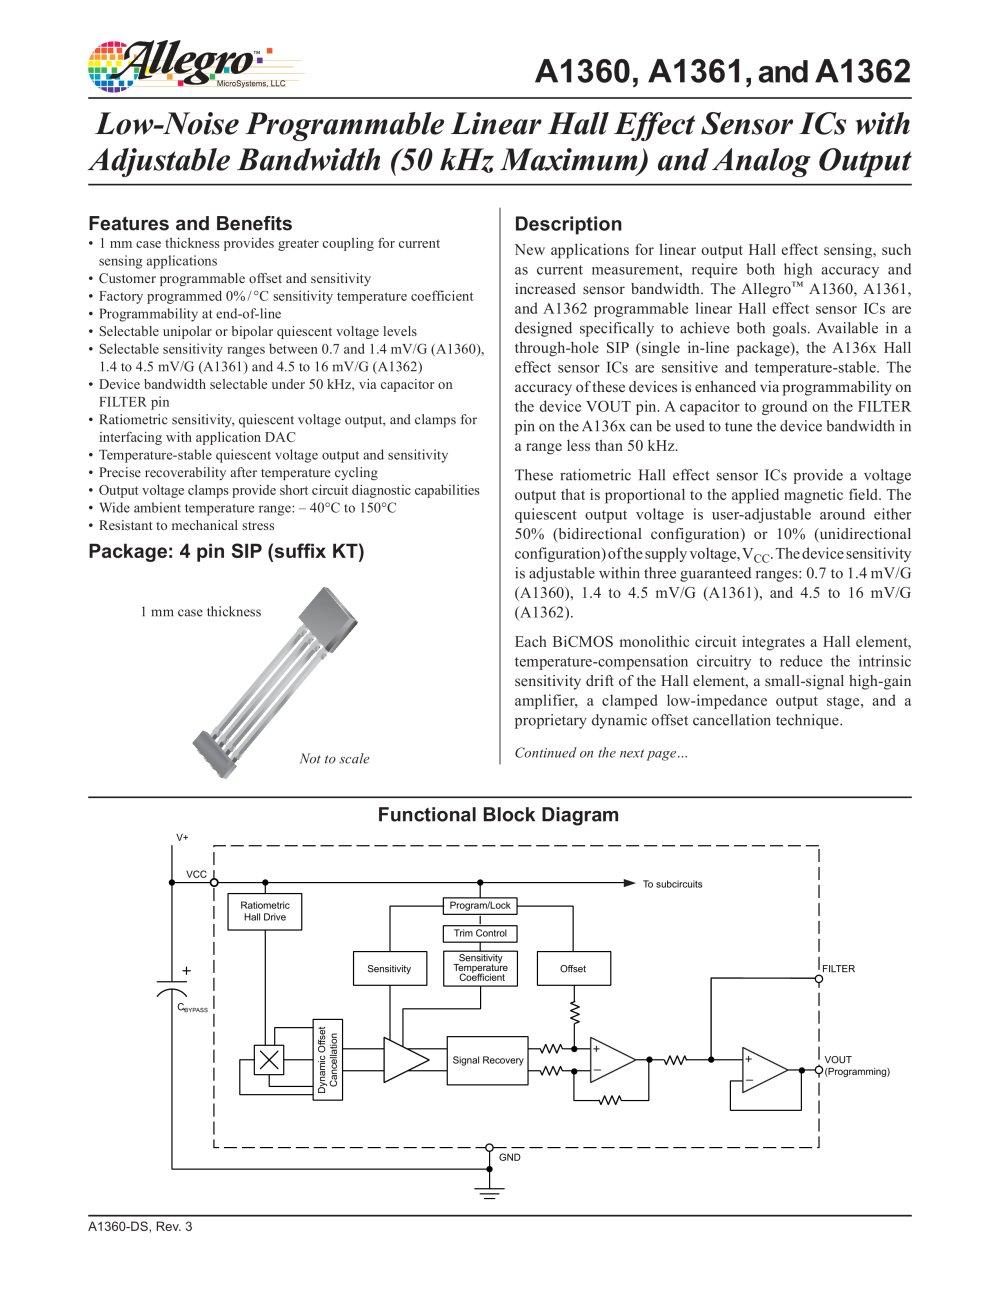 Famous Block Diagram Reduction Image - Electrical Diagram Ideas ...